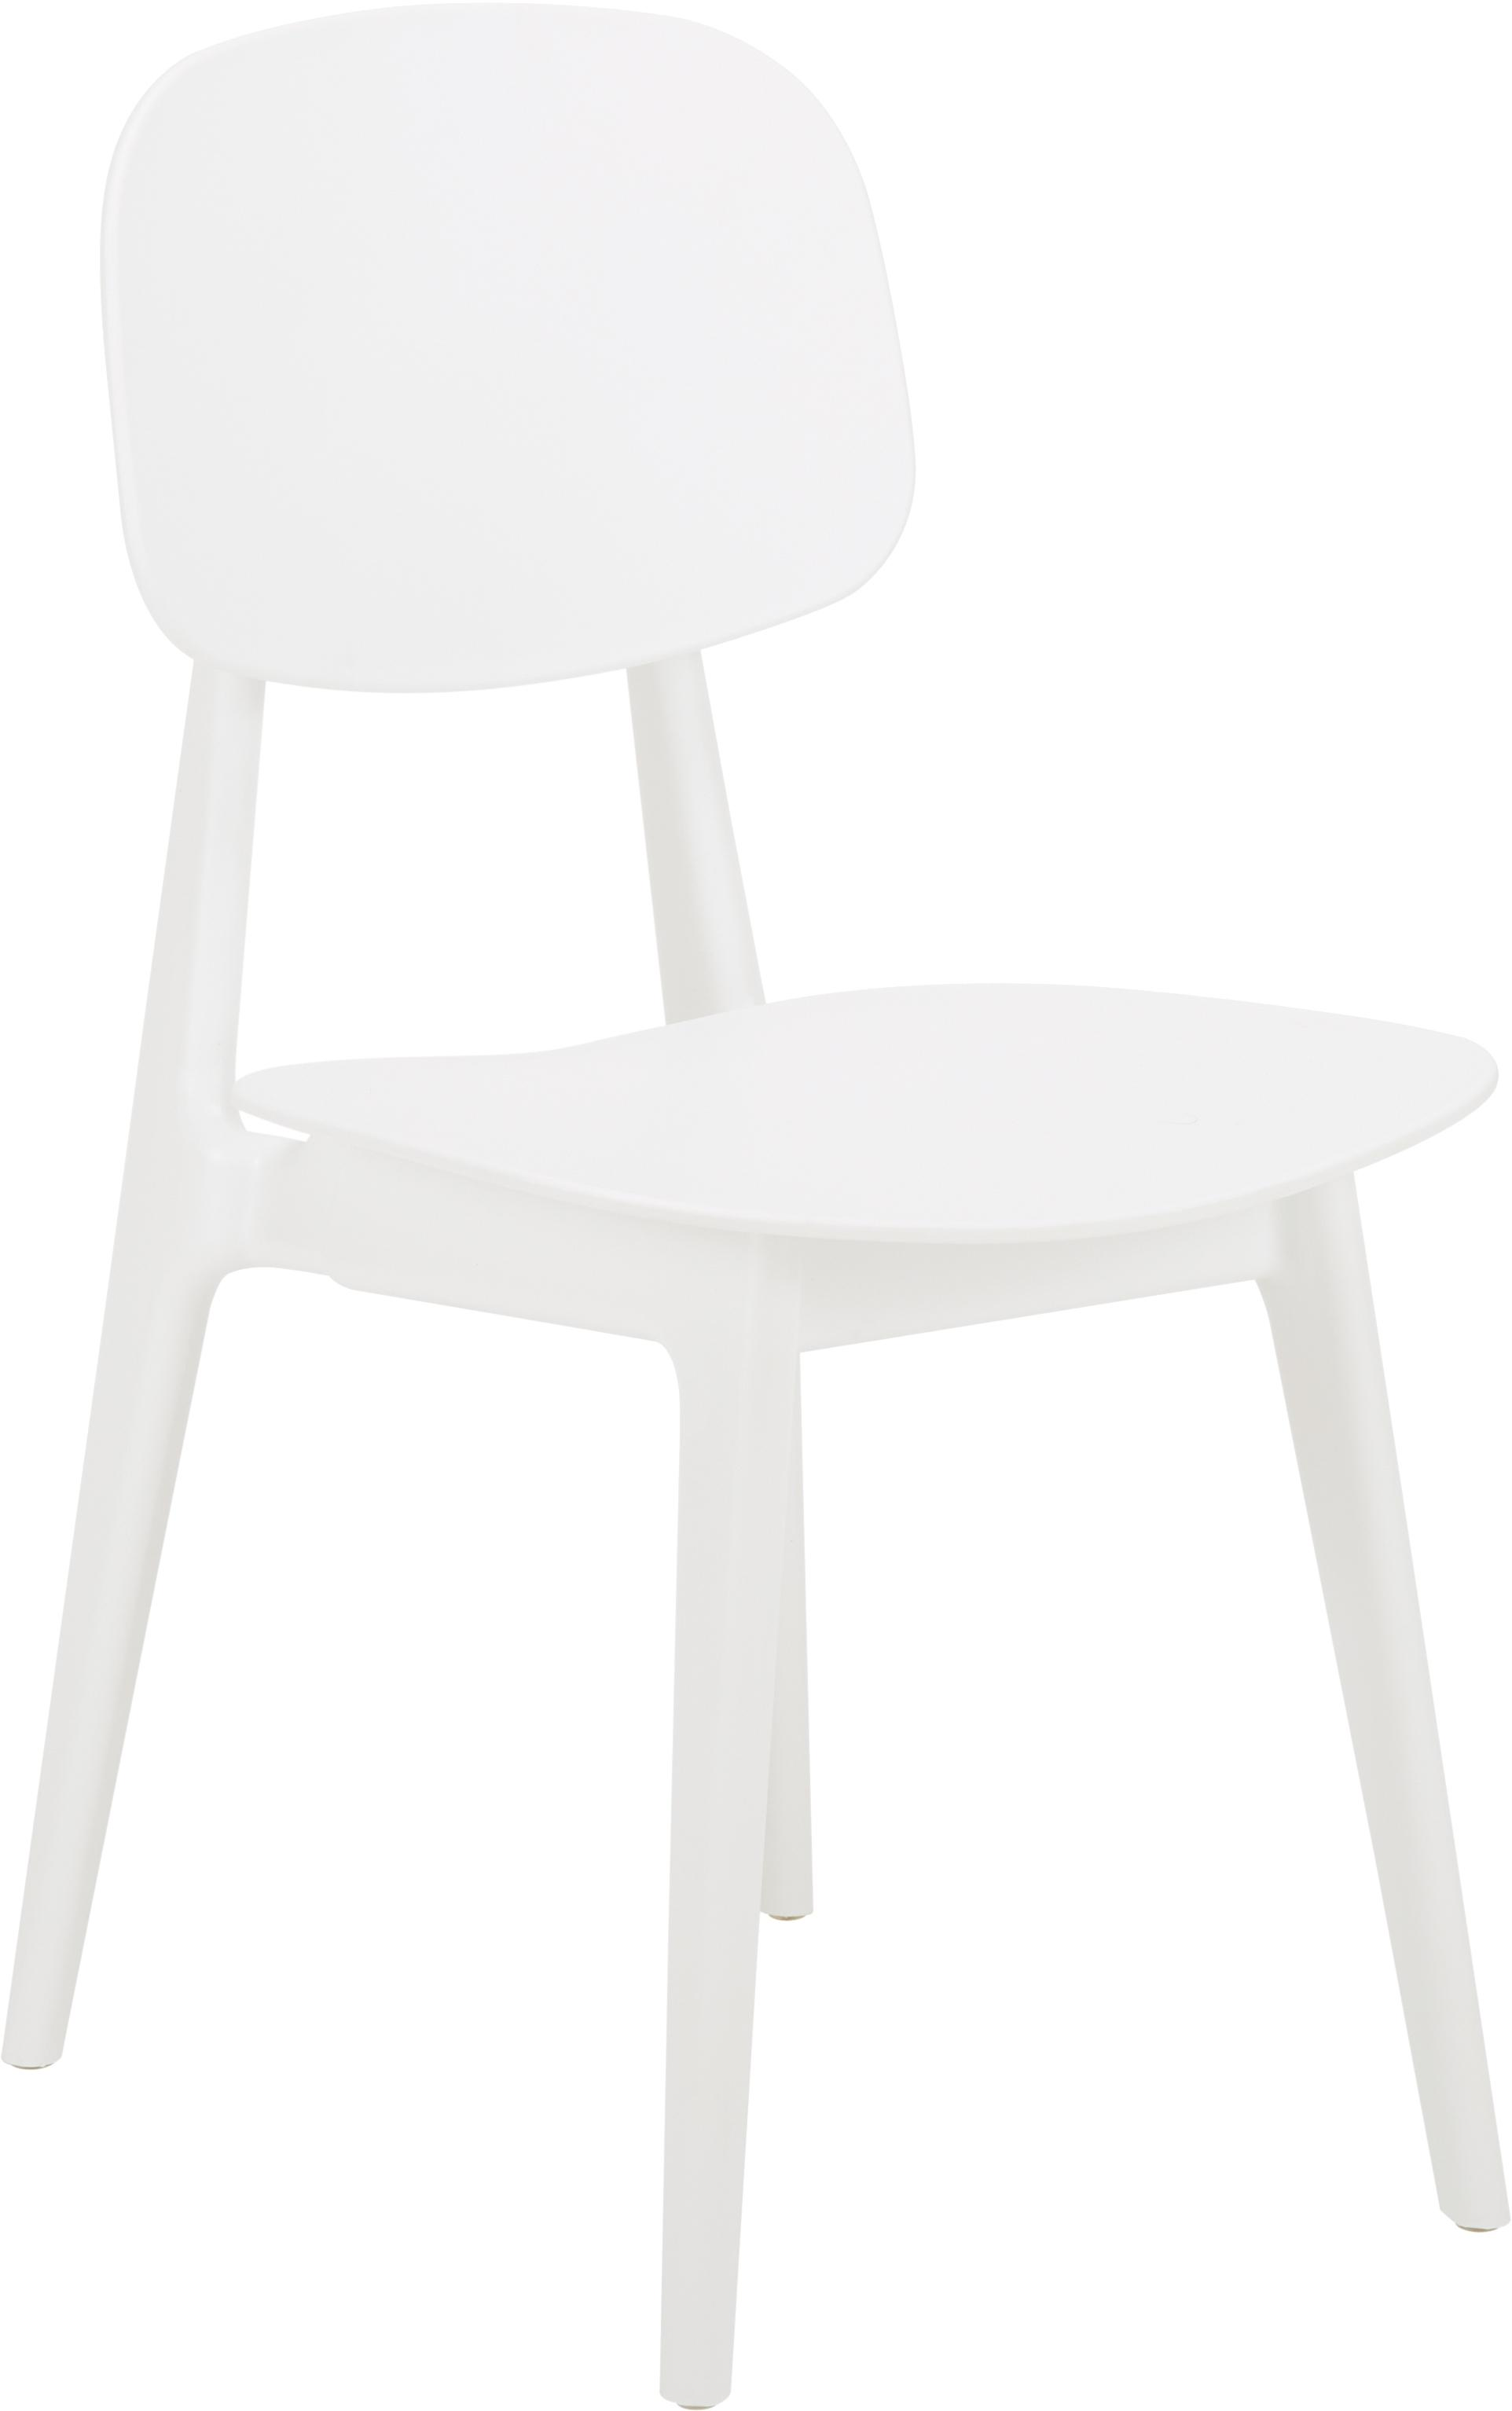 Kunststoff-Stühle Smilla, 2 Stück, Sitzfläche: Kunststoff, Beine: Kunststoff, Weiss, matt, B 43 x T 49 cm